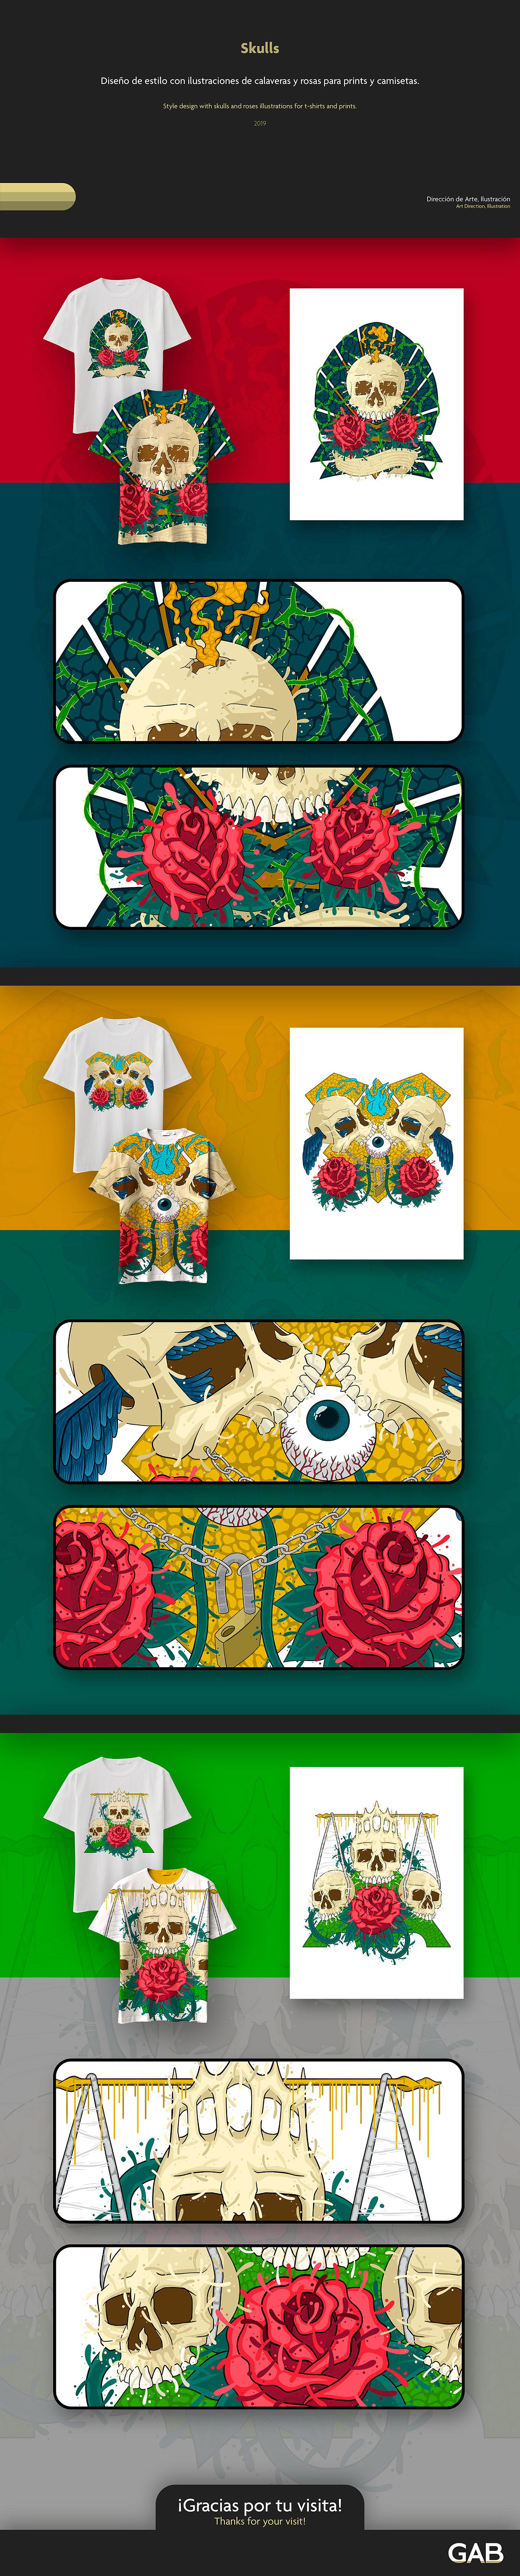 birds Calaveras chains eye Rosas rose Roses skull skulls